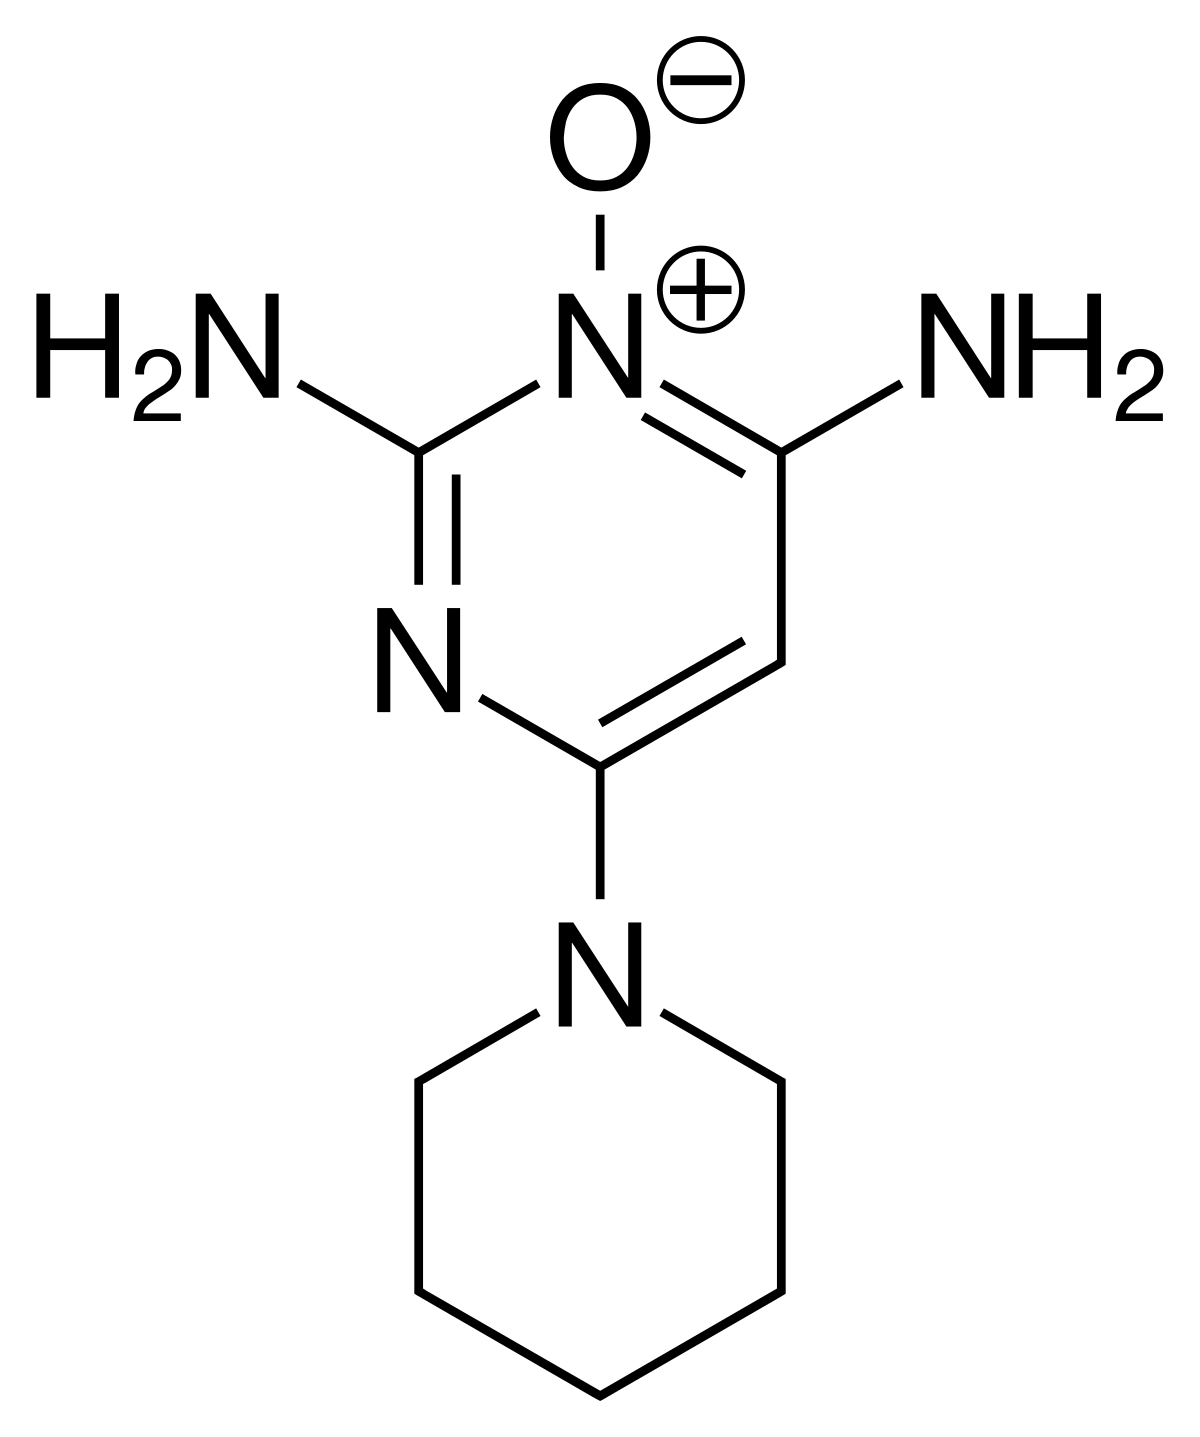 minoksidil